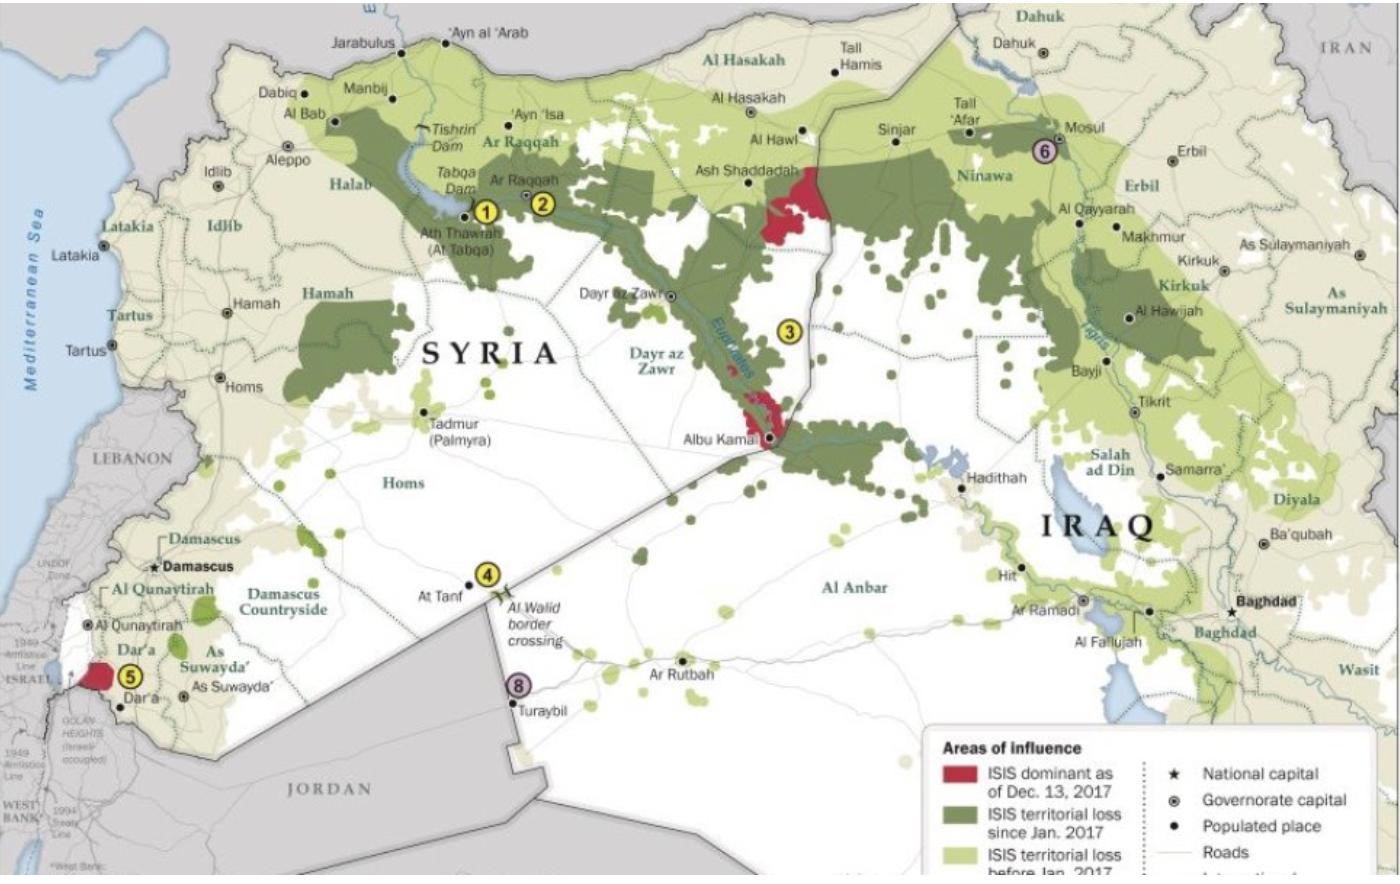 ISIS Verlust Territorium seit Trumps Amtseinführung Januar 2017